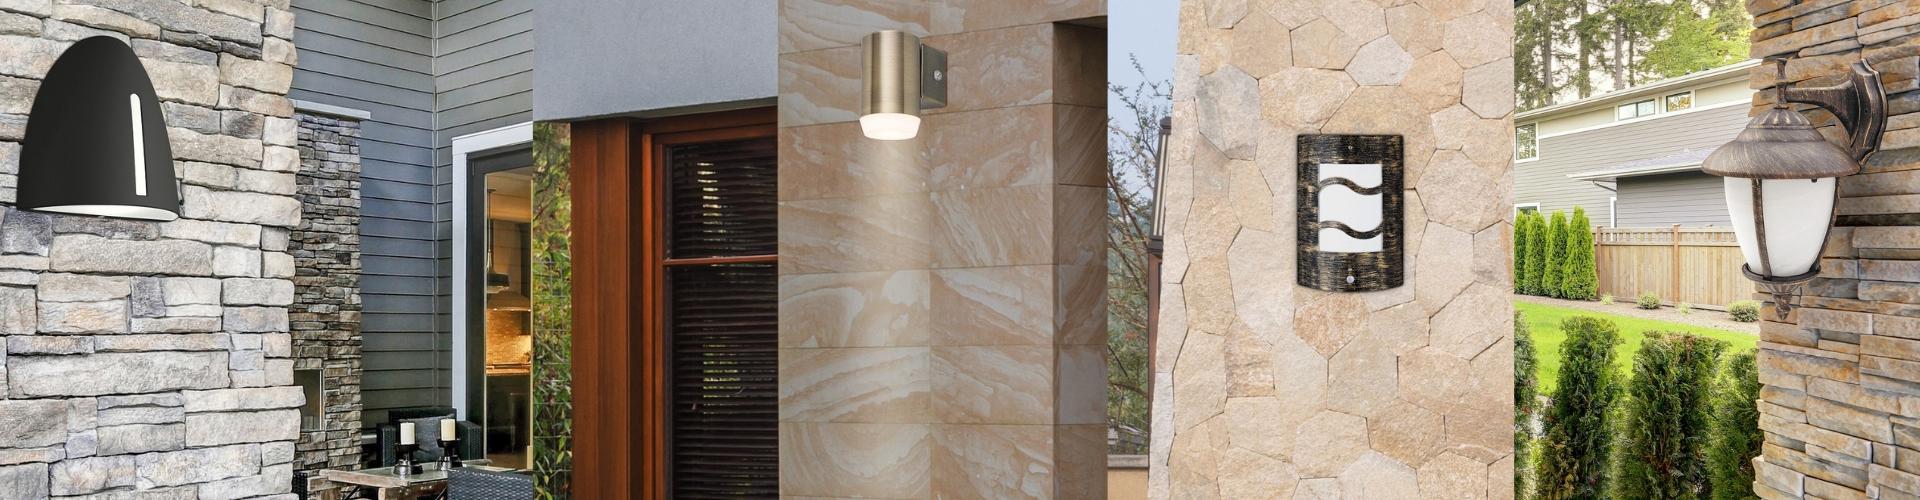 Seinale paigaldatavad välisvalgustid